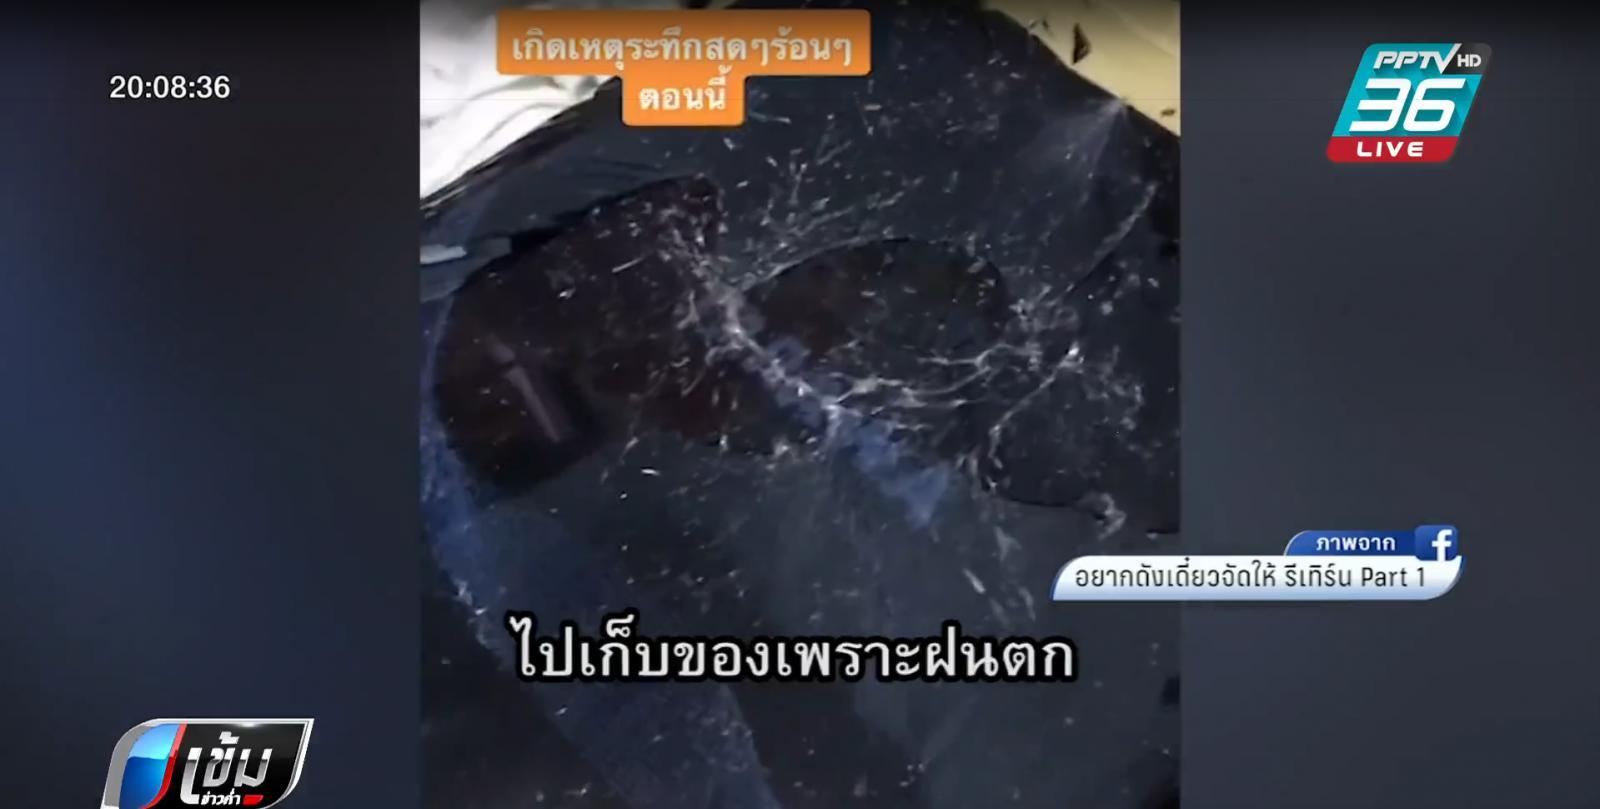 """คอชาบูผวา! เตาแม่เหล็กไฟฟ้าระเบิดคาบ้าน """"อ.เจษฎา"""" คาดฉนวนไม่ได้มาตรฐาน"""